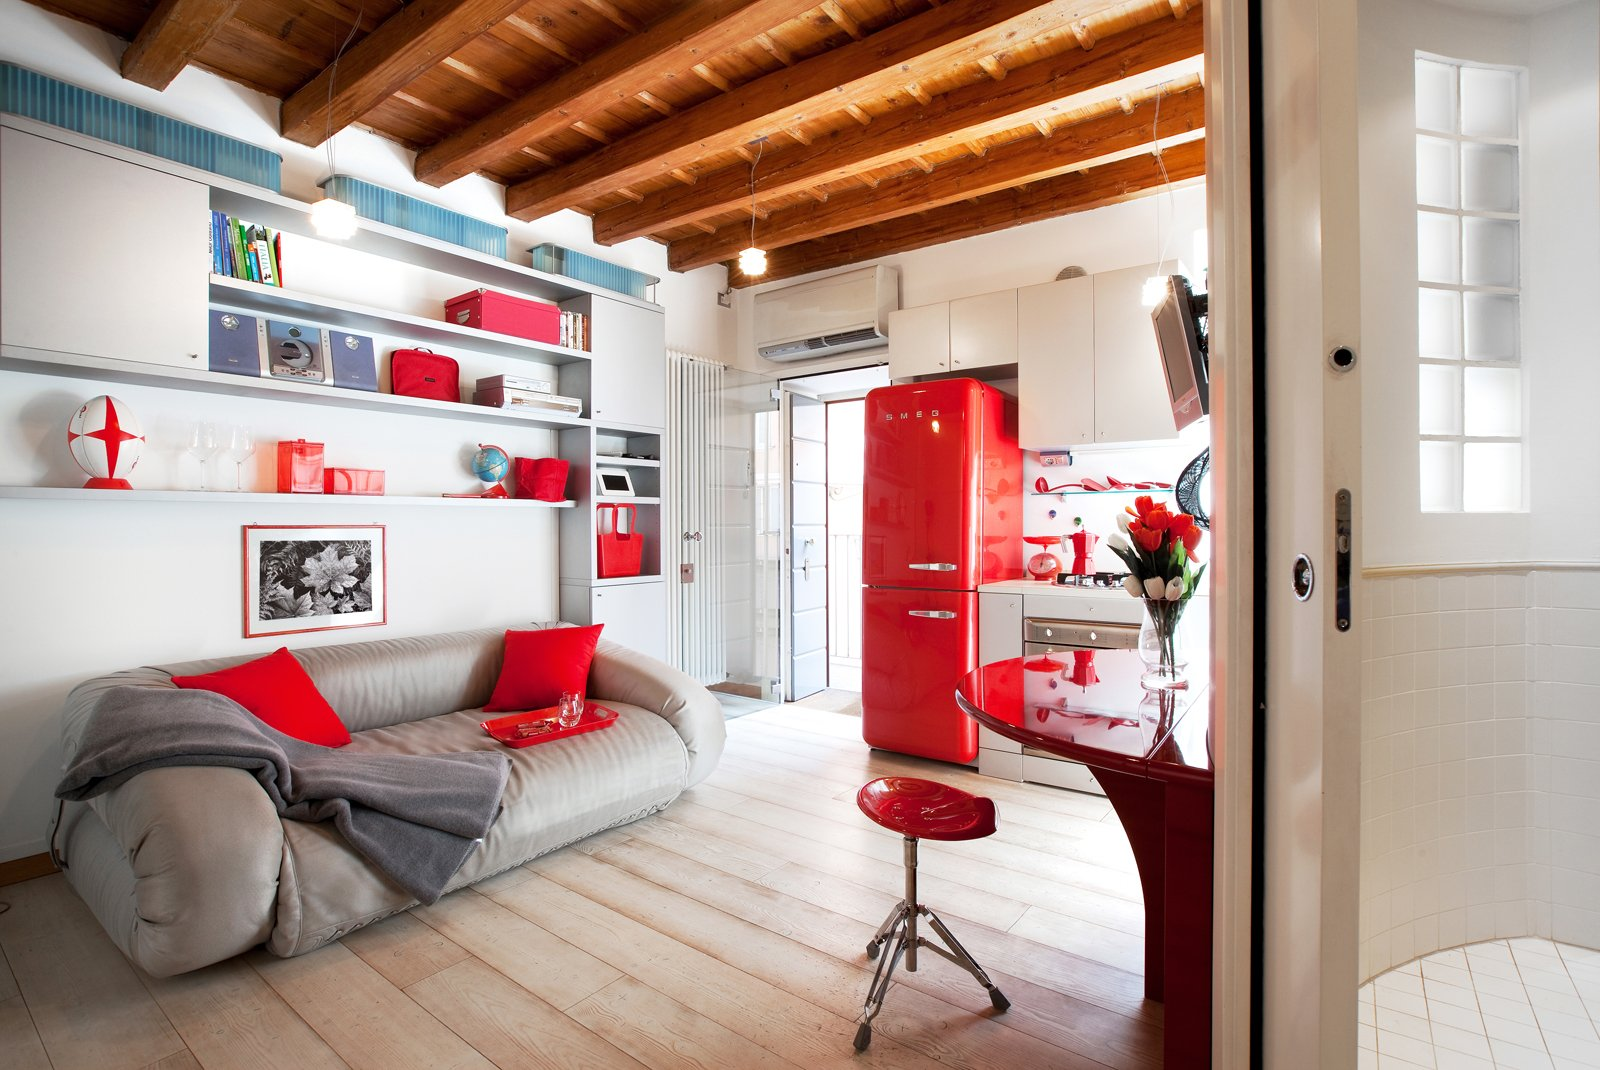 Monolocale di 25 mq con soluzioni salvaspazio cose di casa for Arredare cucina soggiorno 20 mq